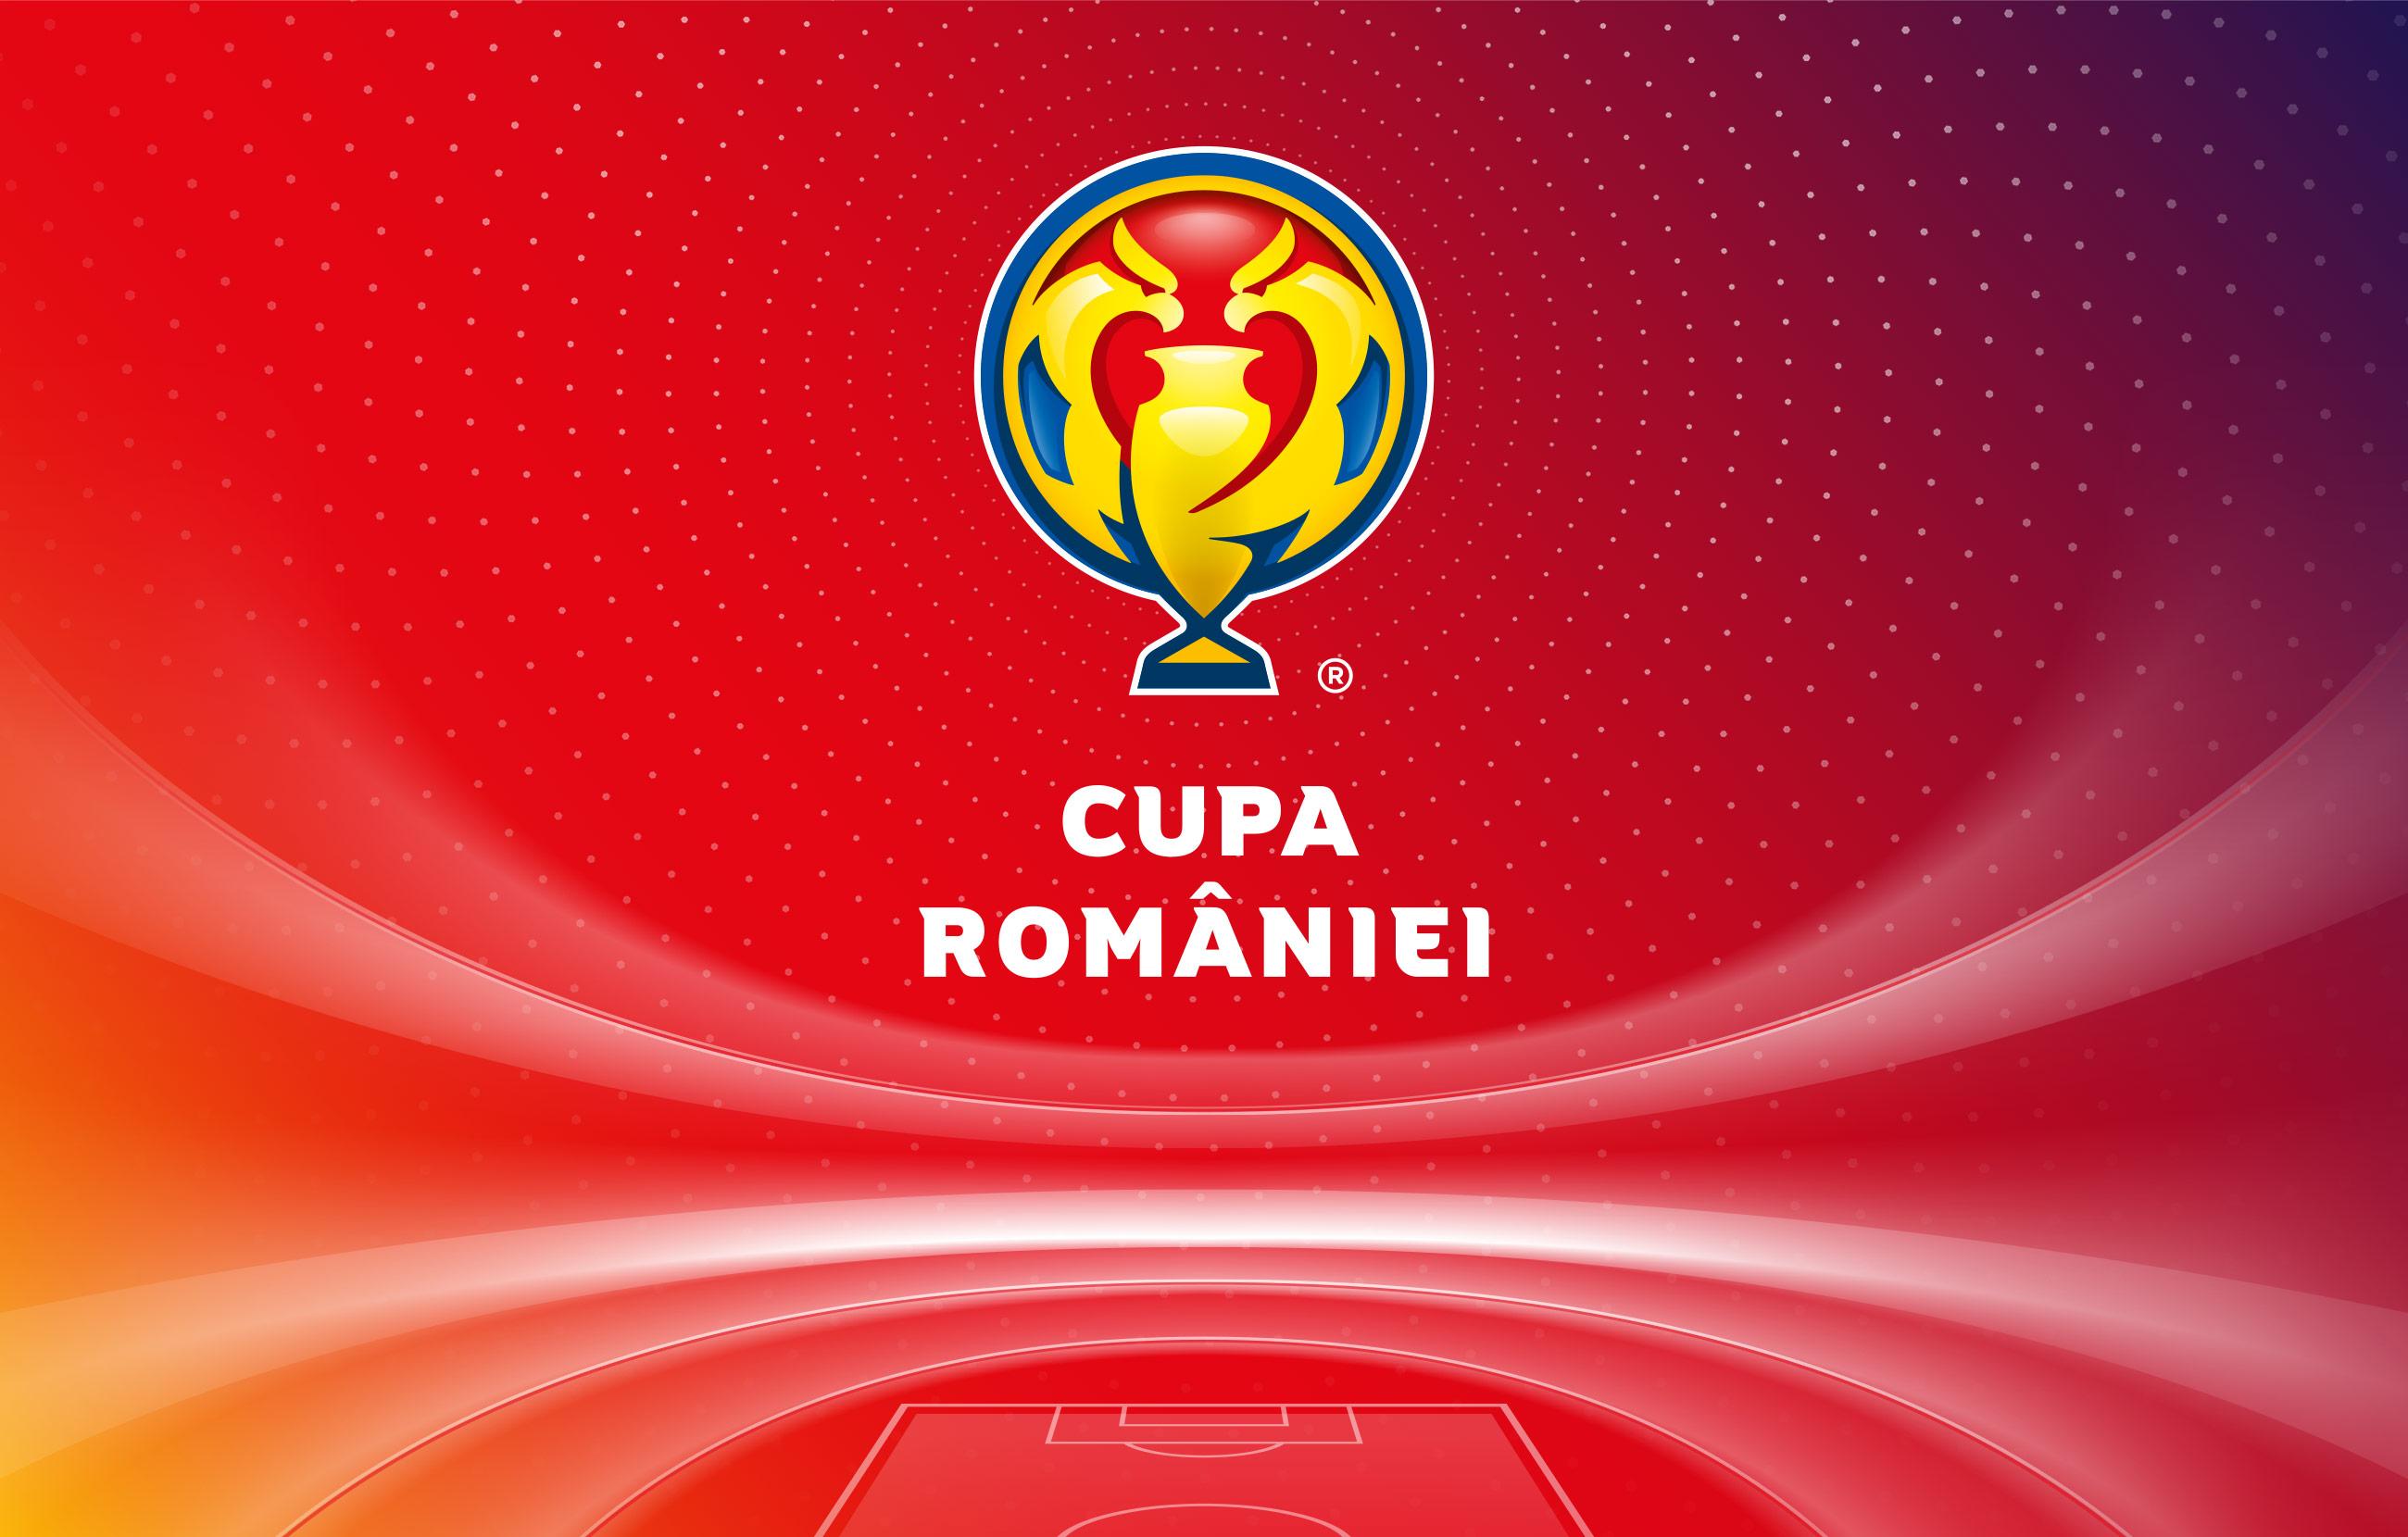 Imagini pentru cupa  romaniei  logo